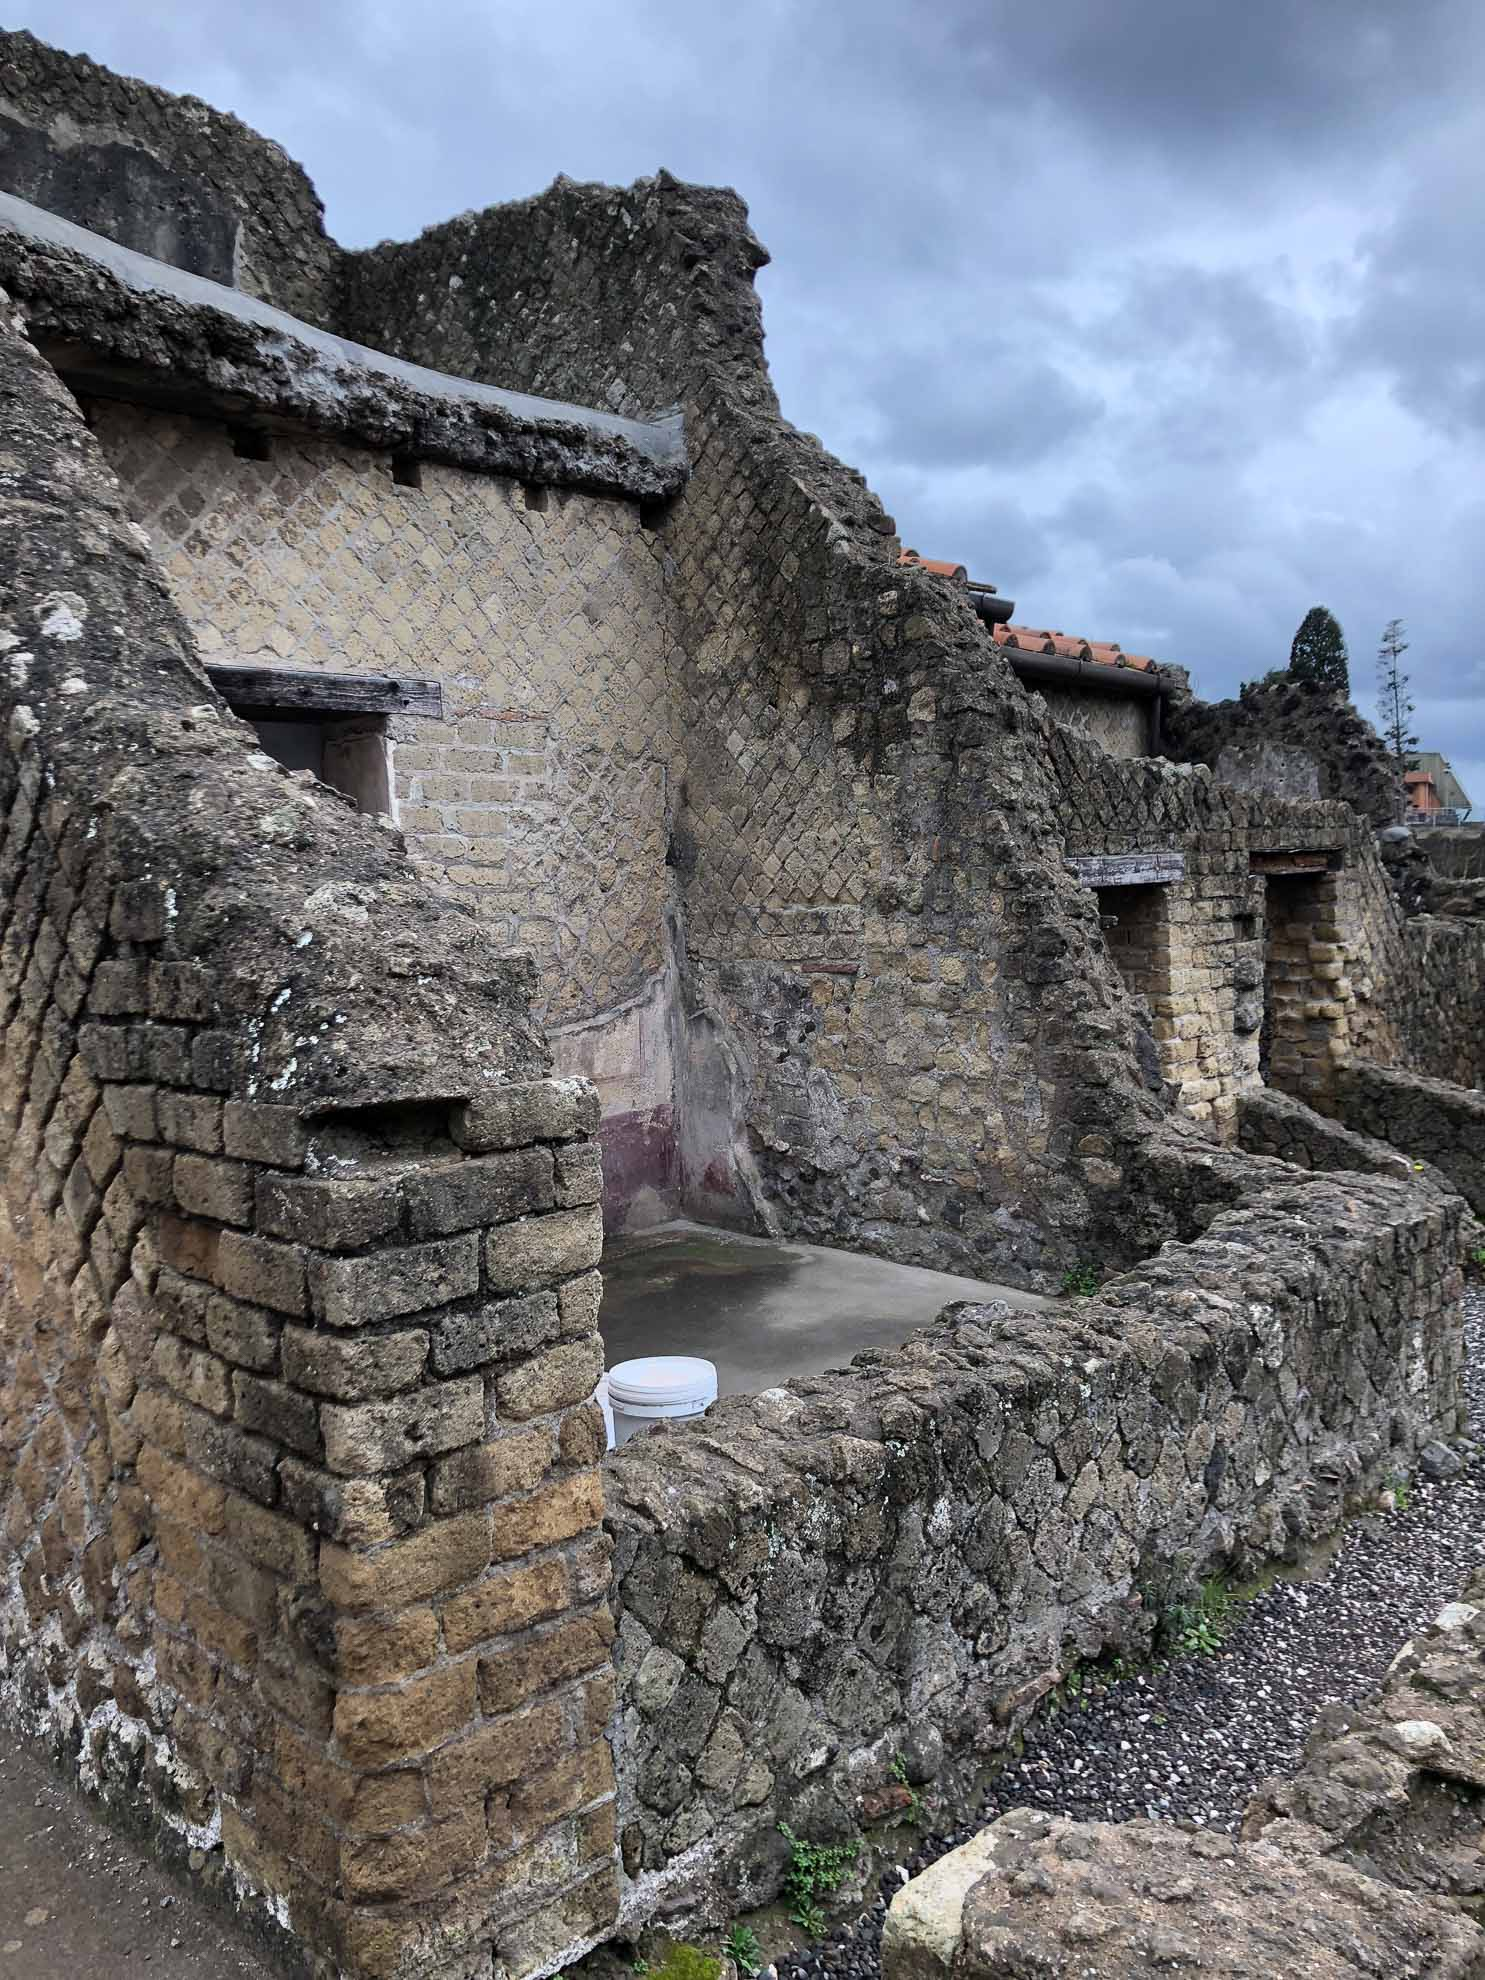 Auch diese römische Stadt wurde beim Ausbruch des Vesuv im Jahre 79 n. Chr. unter Asche- und Gesteinsschichten begraben.